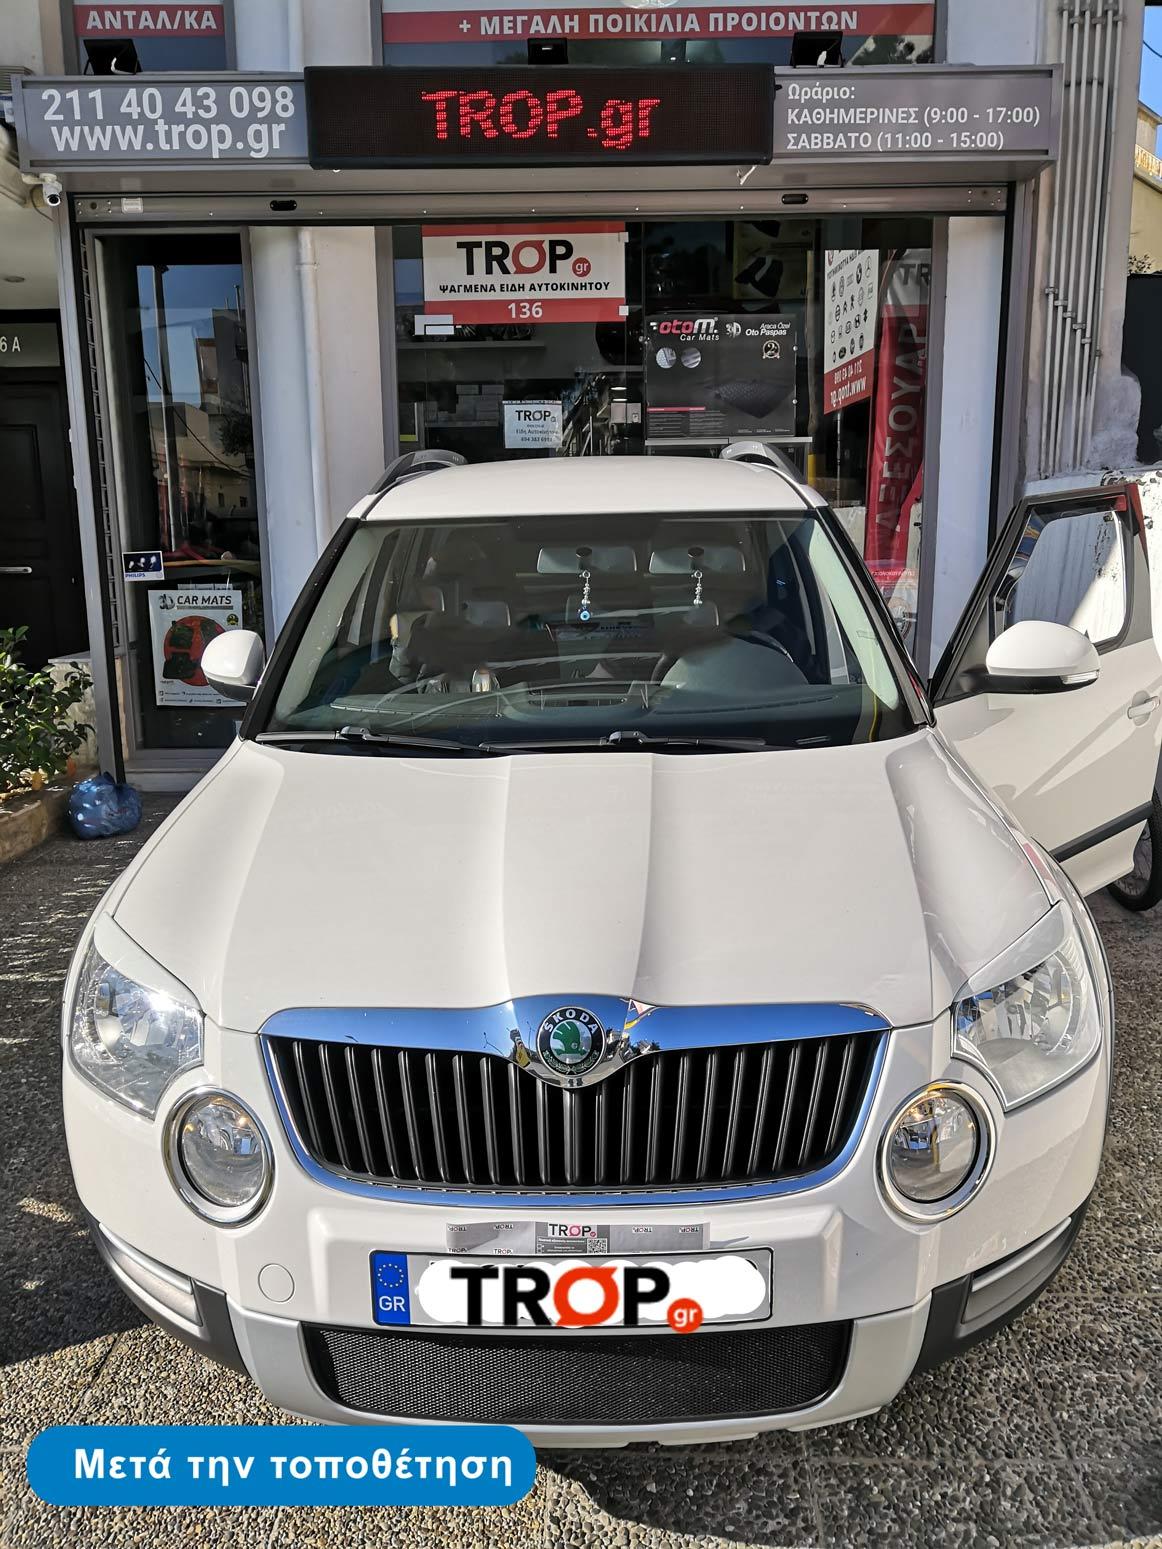 Το αυτοκίνητο του πελάτη μας, μετά την τοποθέτηση των LED – Φωτογραφία από Trop.gr